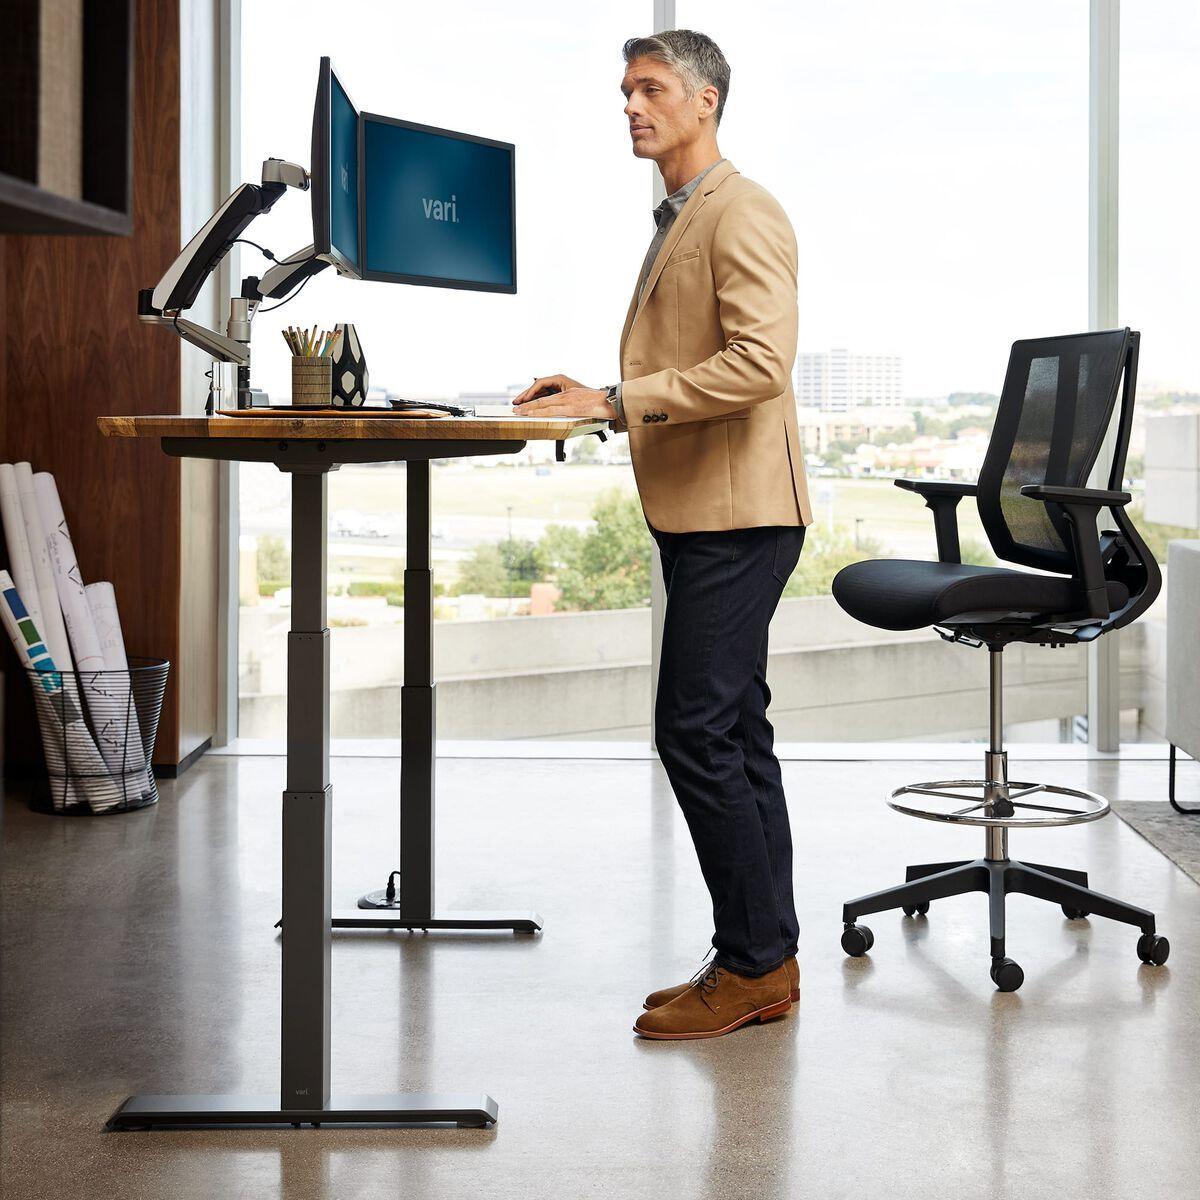 vari standing desk exercises